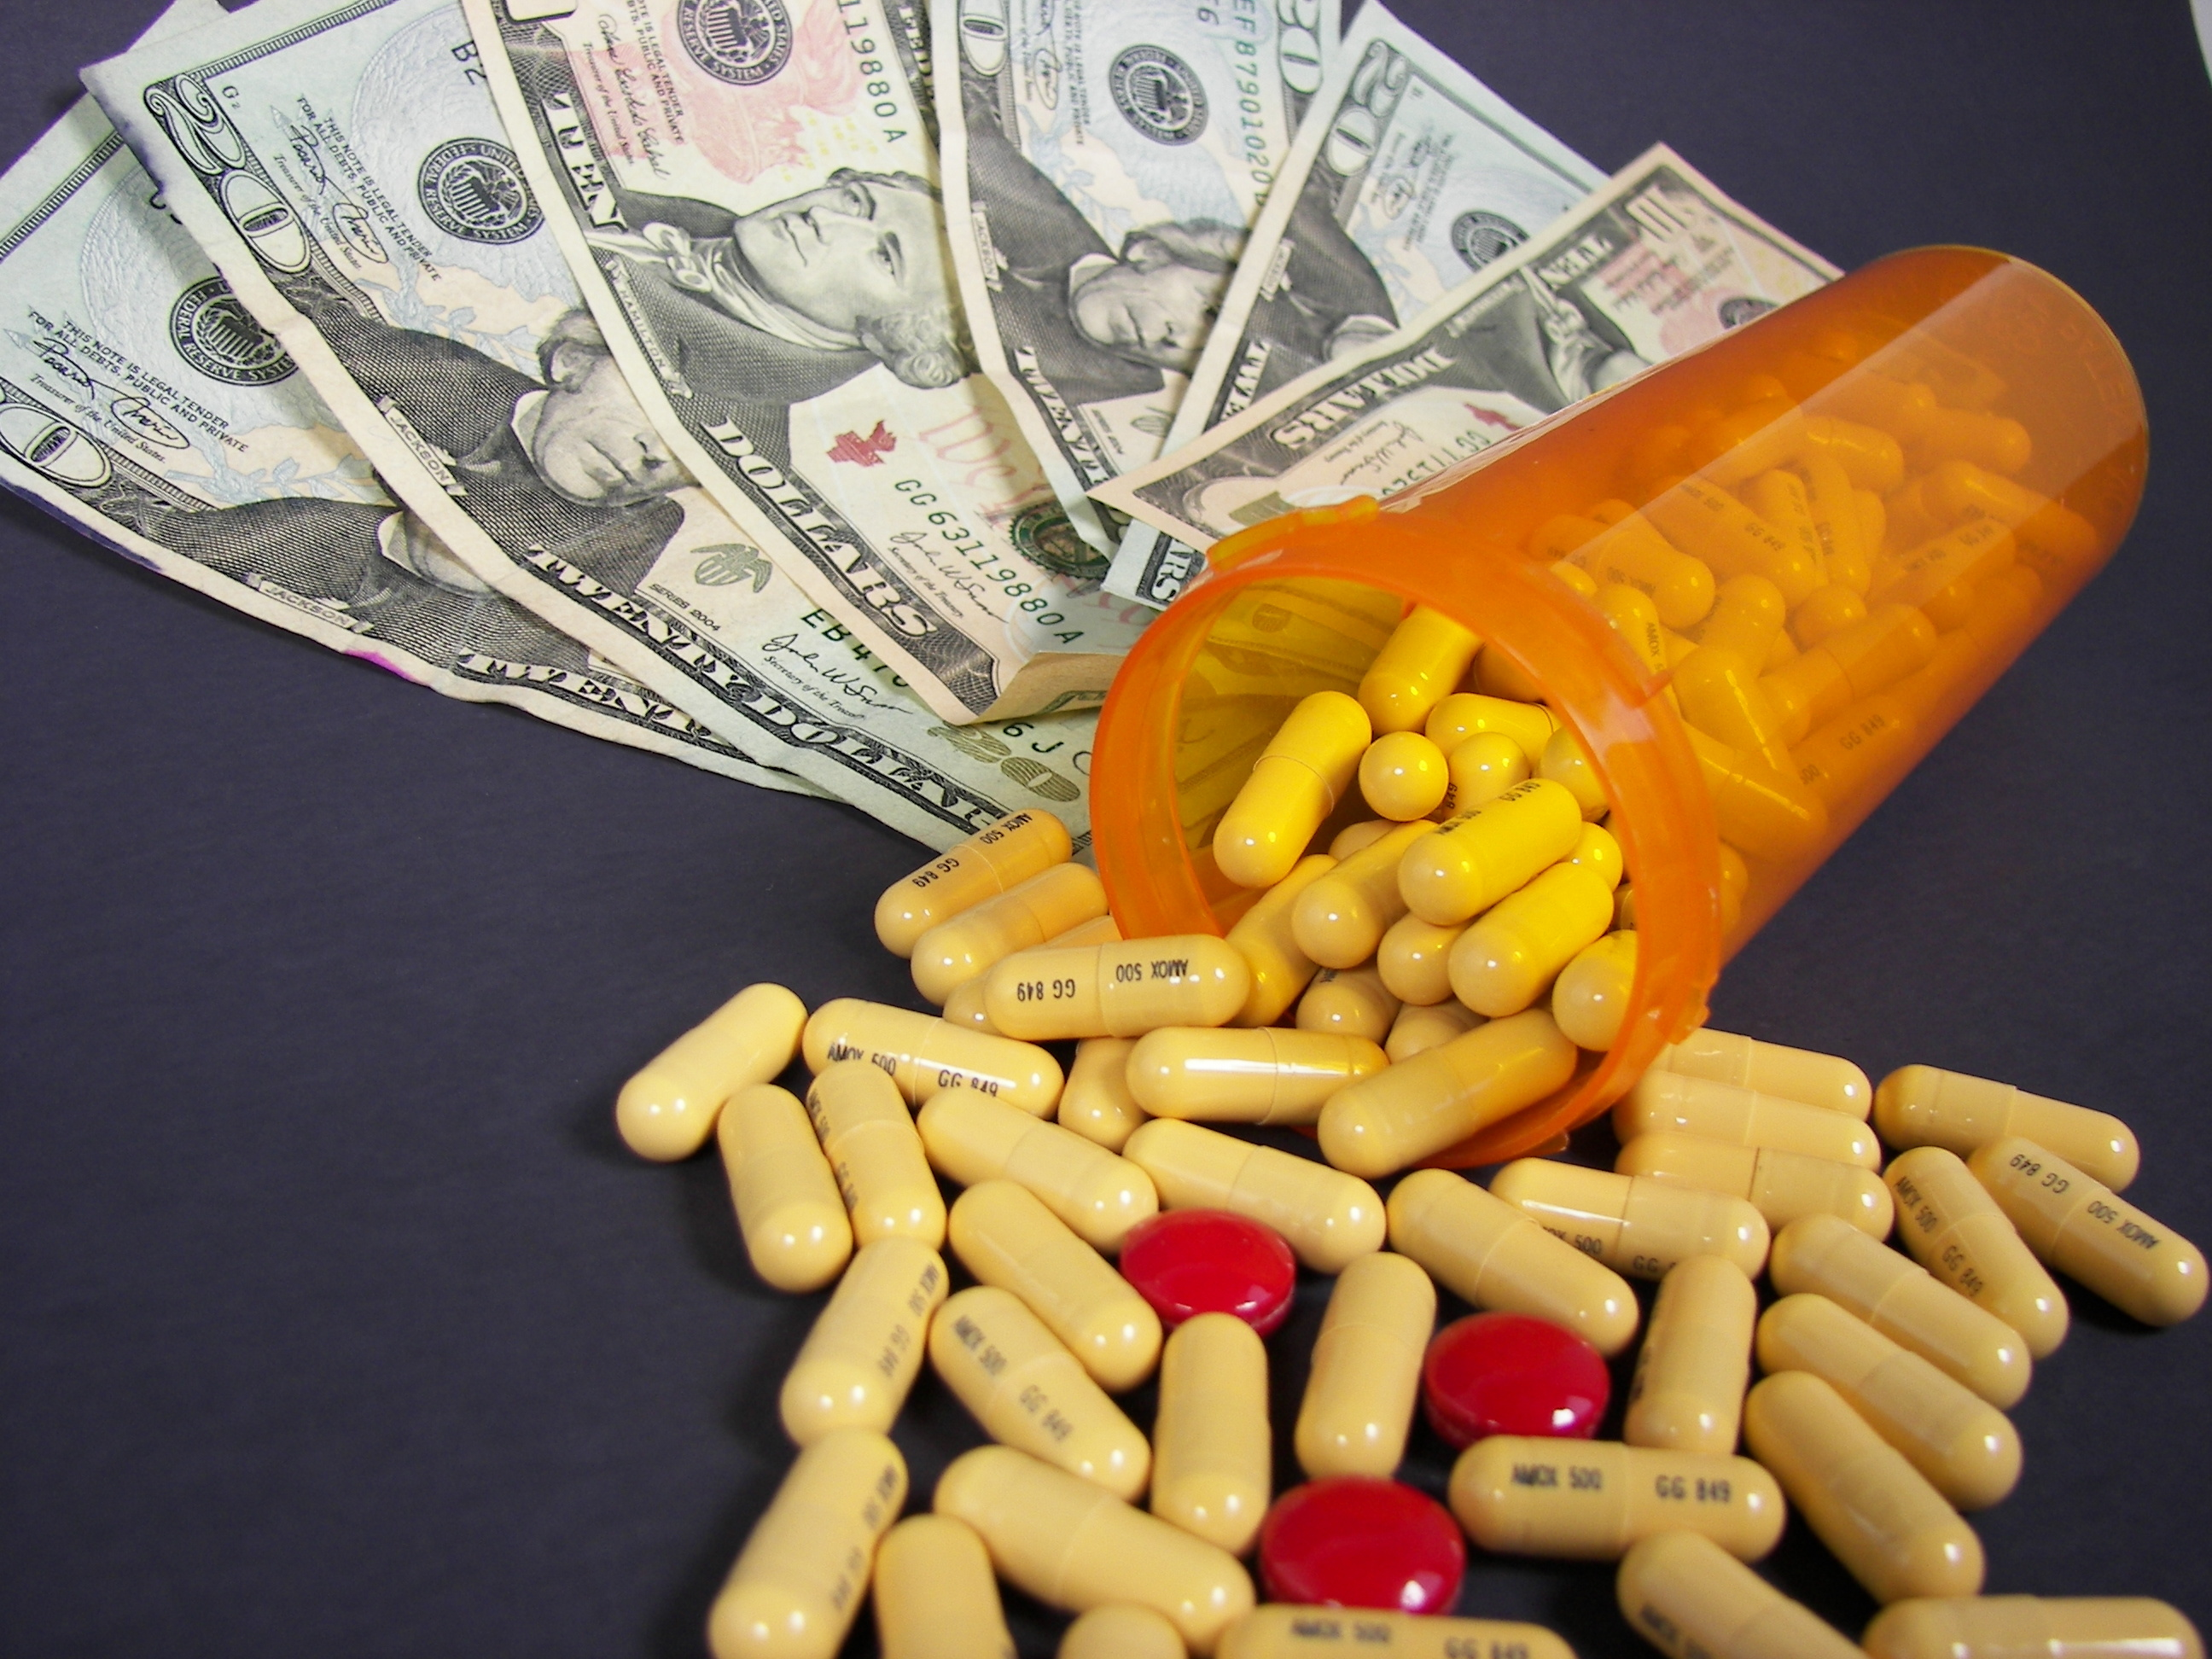 El precio de los medicamentos ha sido estudiado por un investigador de la UC3M. Imagen: 14ktgold. Fuente: PhotoXpress.